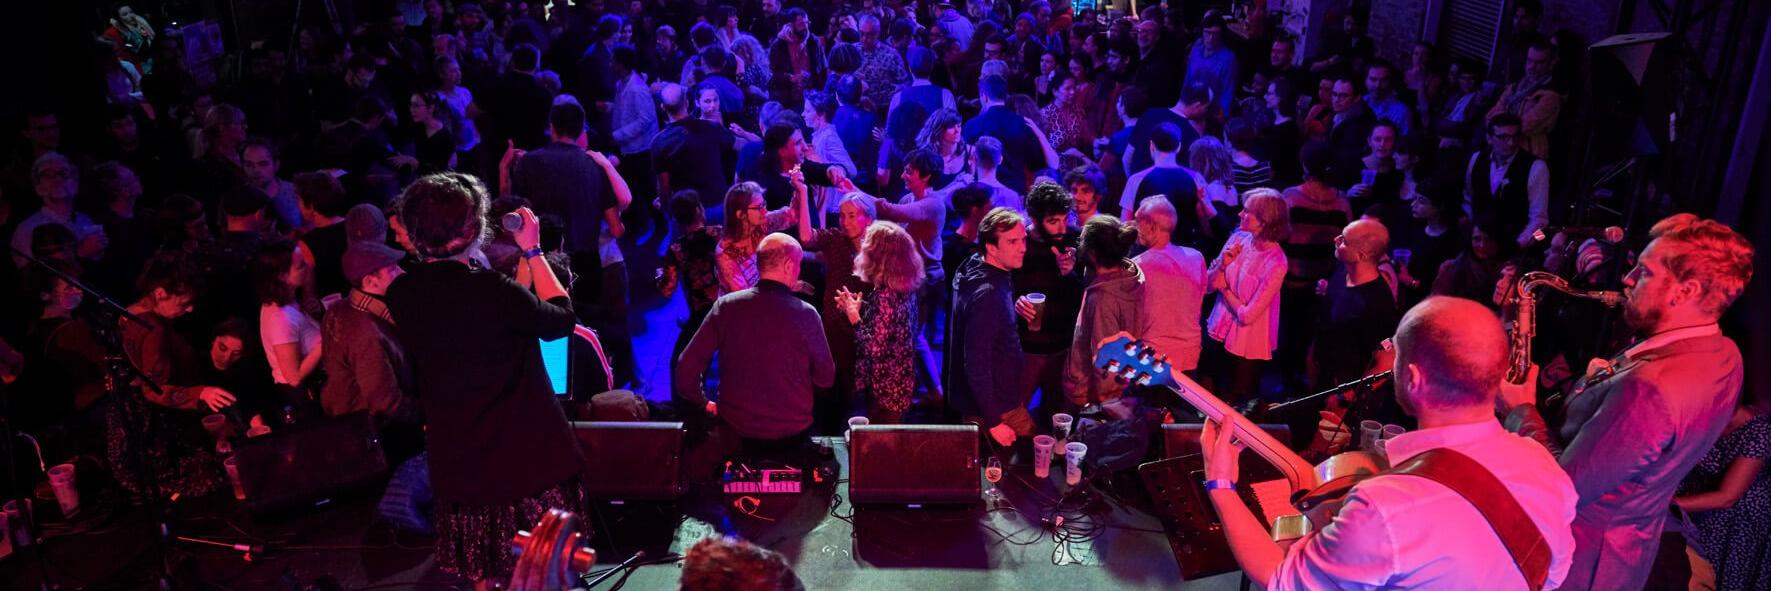 Swing Me Baby, groupe de musique Jazz en représentation à Nord - photo de couverture n° 1